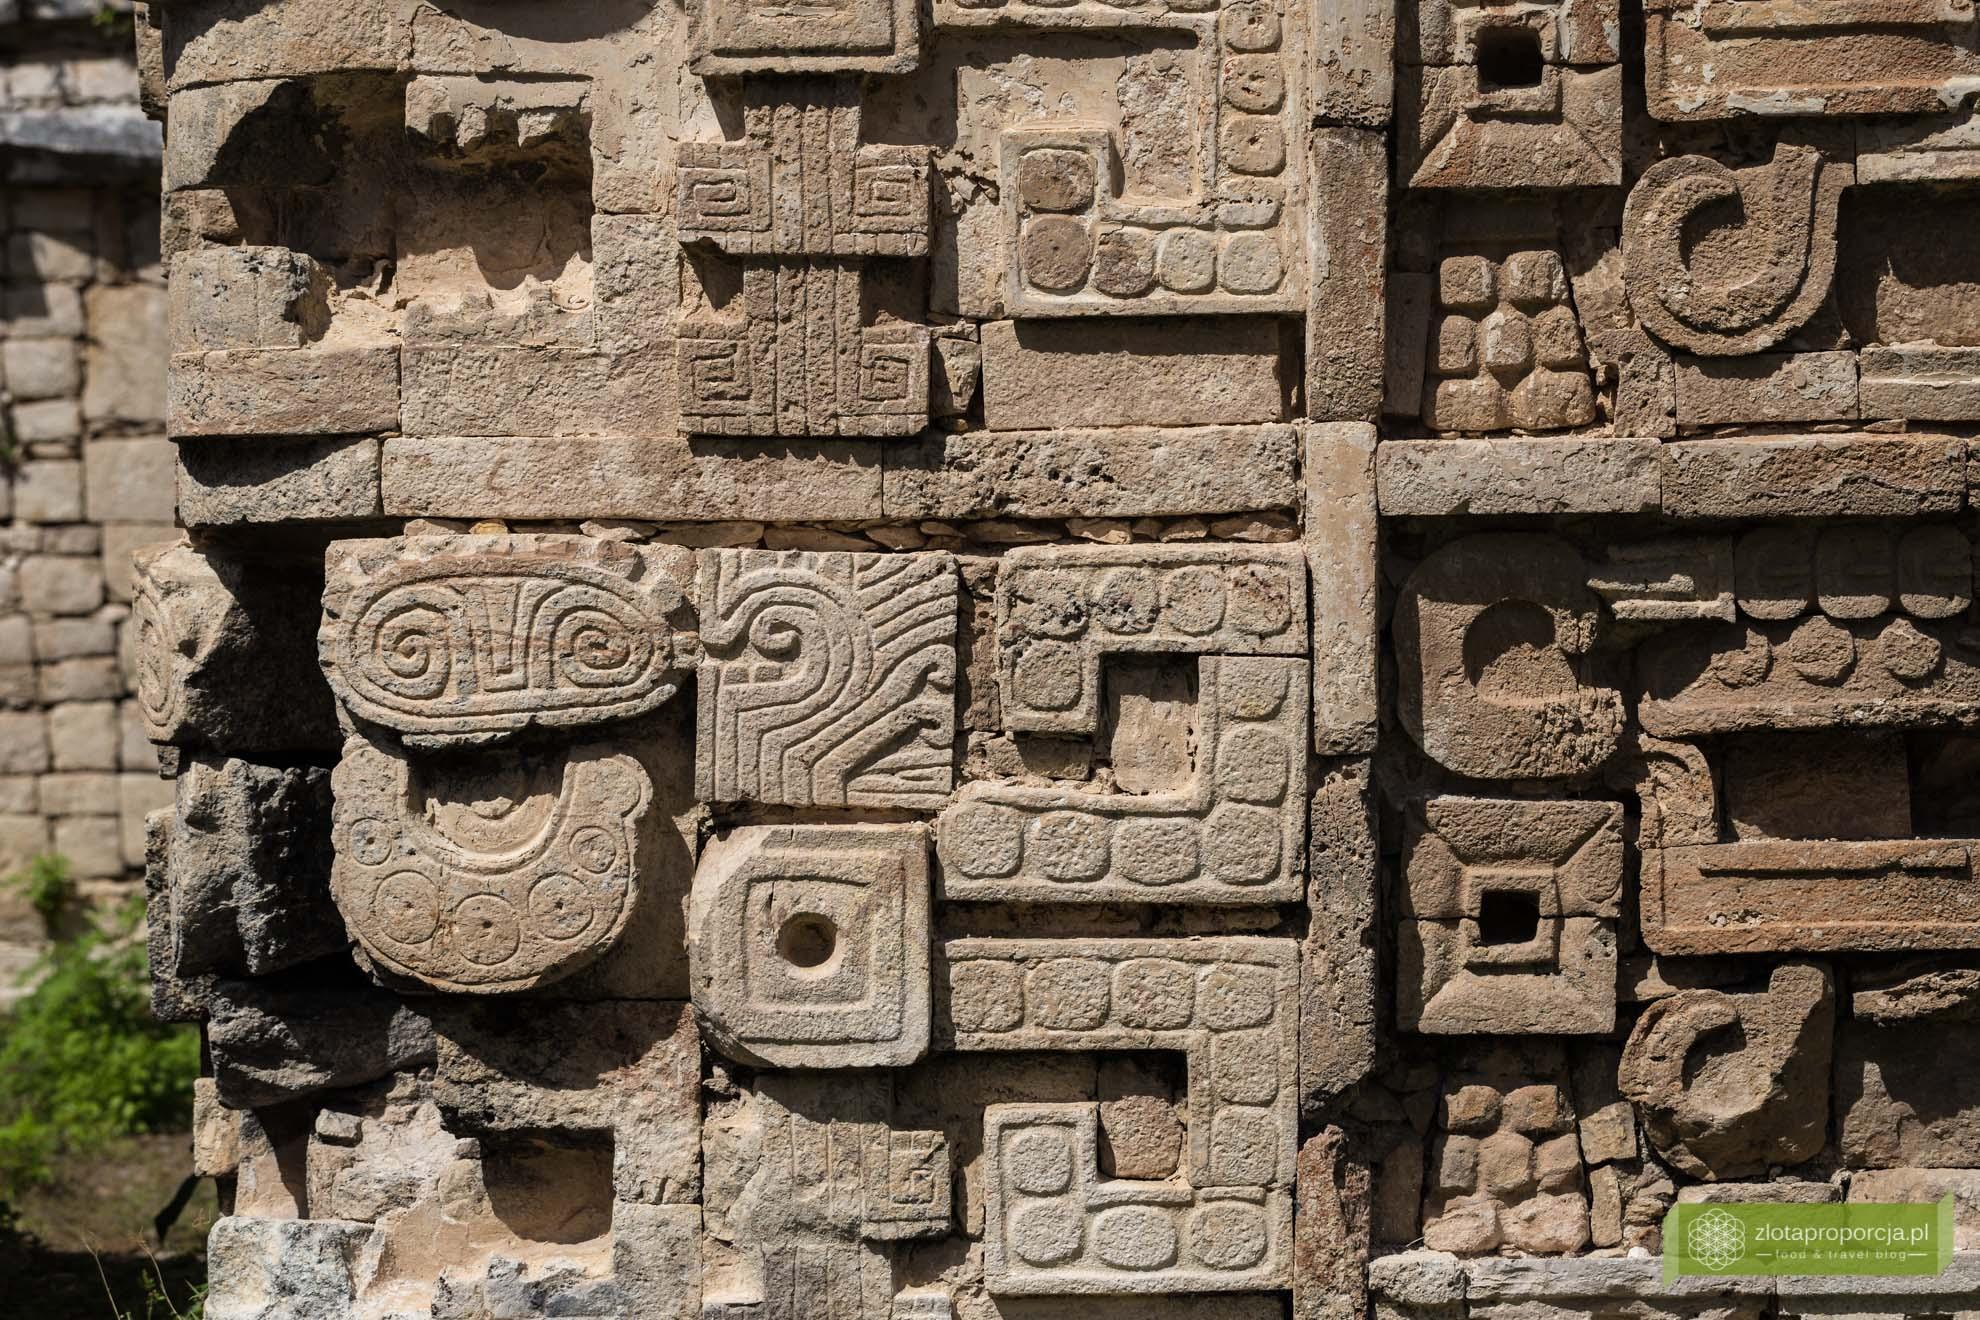 Meksyk, Miasta Majów, strefy archeologiczne na Jukatanie; Majowie budowle, Miasta Majów Meksyk, Majowie osiągnięcia; chichen itza miasto majów, Piramida Kukulkana, Chichen Itza, Miasta Majów Jukatan; zdobienia Chichen Itza